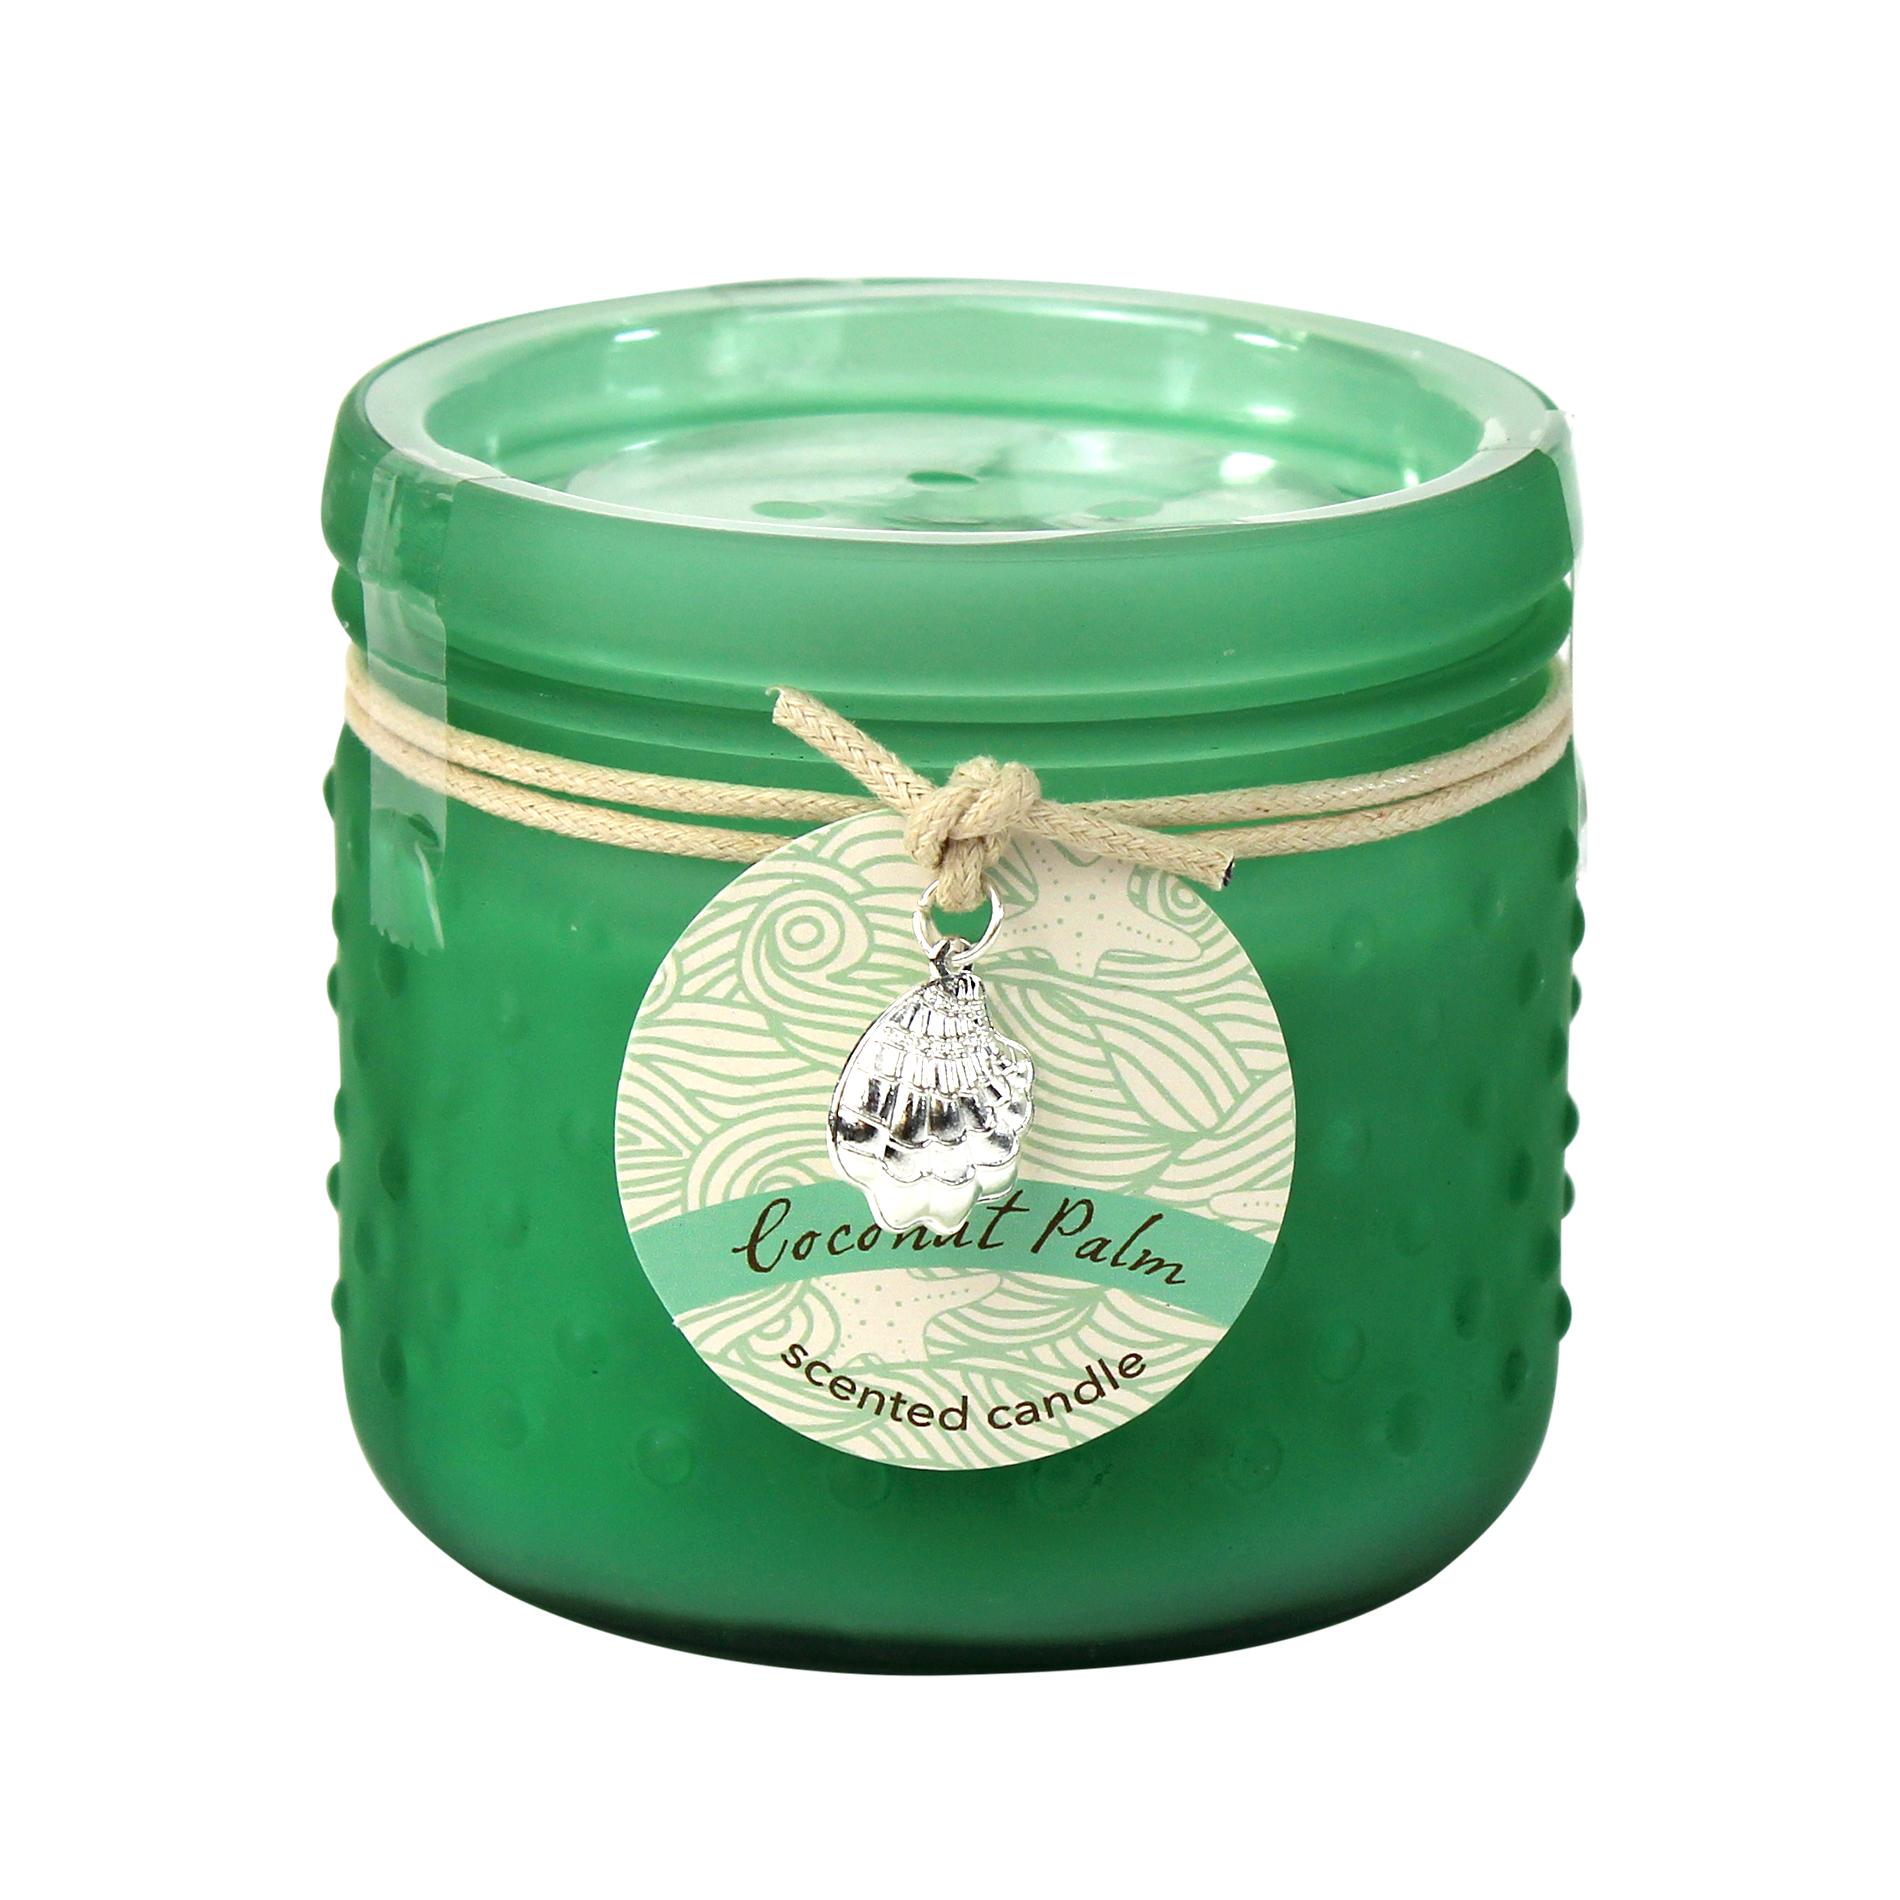 9 Oz. Hobnail Glass Scented Jar Candle - Coconut Palm PartNumber: 032W008429509001P KsnValue: 8429509 MfgPartNumber: KMT6641